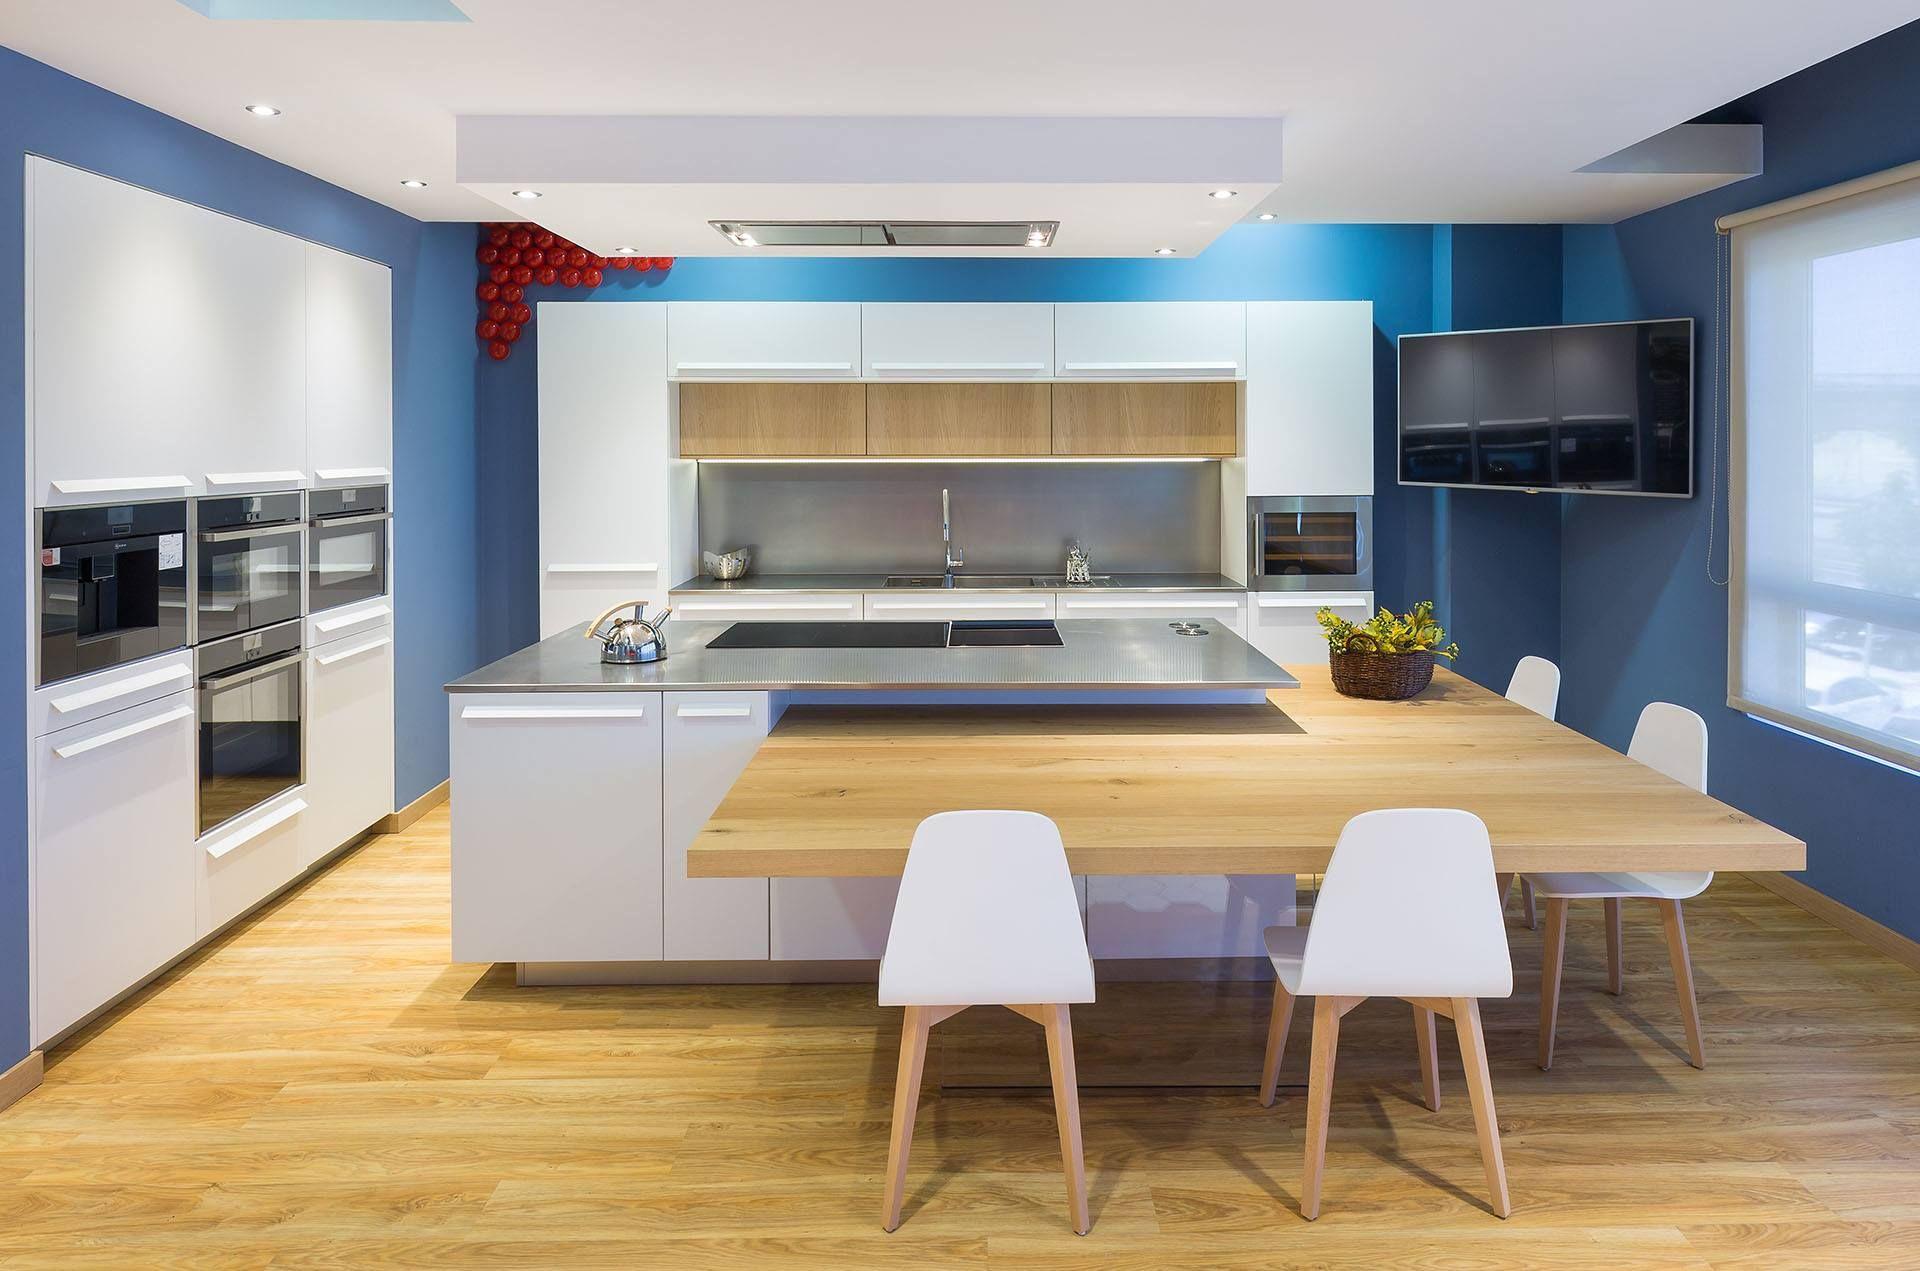 Las ideas se lanzan y luego se plasman las cocinas for Cocina rustica que adorna la idea